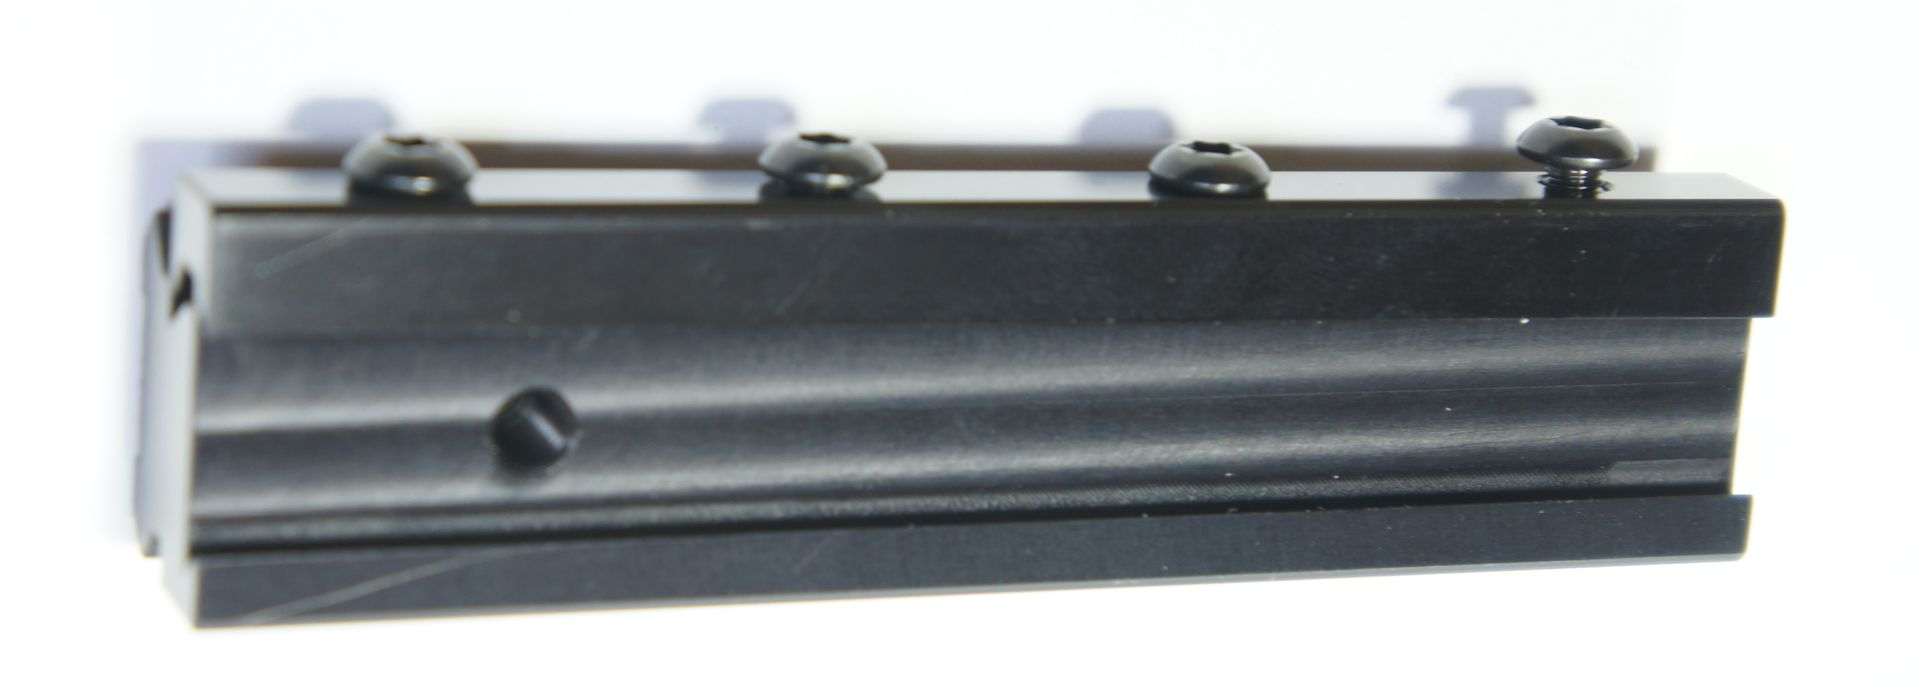 Dieser Präzisionsadapter ist als Verbindungselement im Set enthalten und hat auch einen Stopperstift, damit die Optik auf dem Gewehr nicht verrutschen kann.